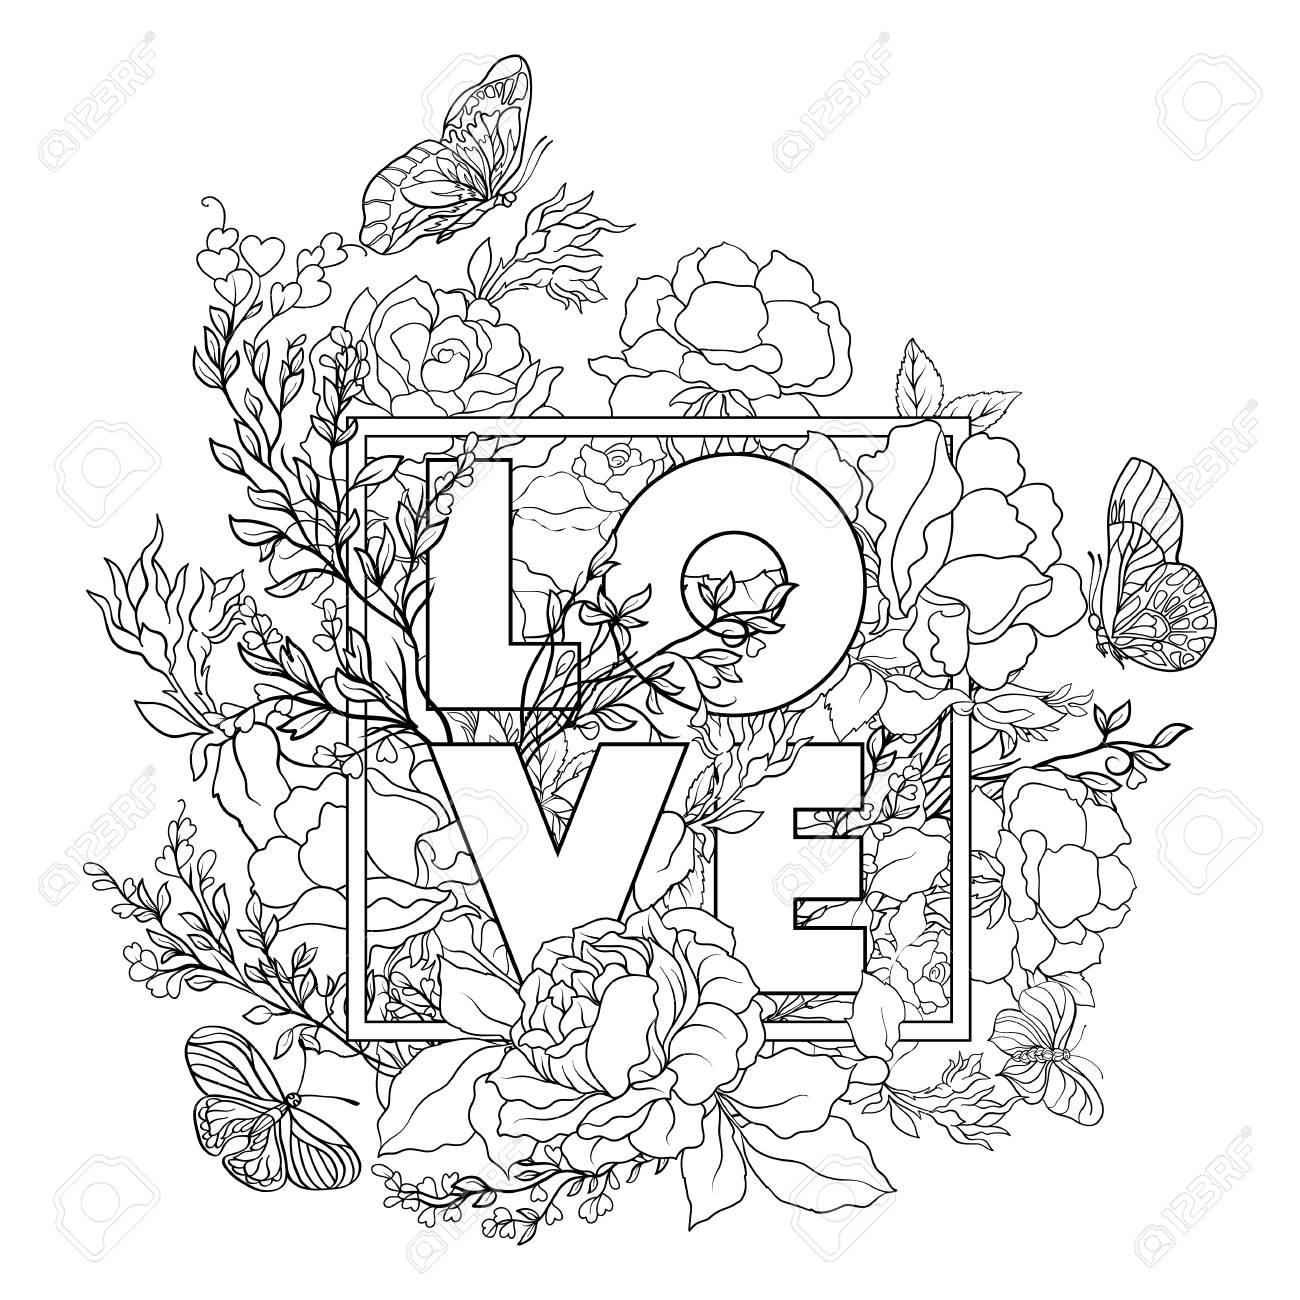 Rose Fleur De Fond Avec Le Mot Amour. Outline Dessin De Coloriage Page.  Livre À Colorier Pour Les Adultes. pour Dessin A Colorier De Fleur